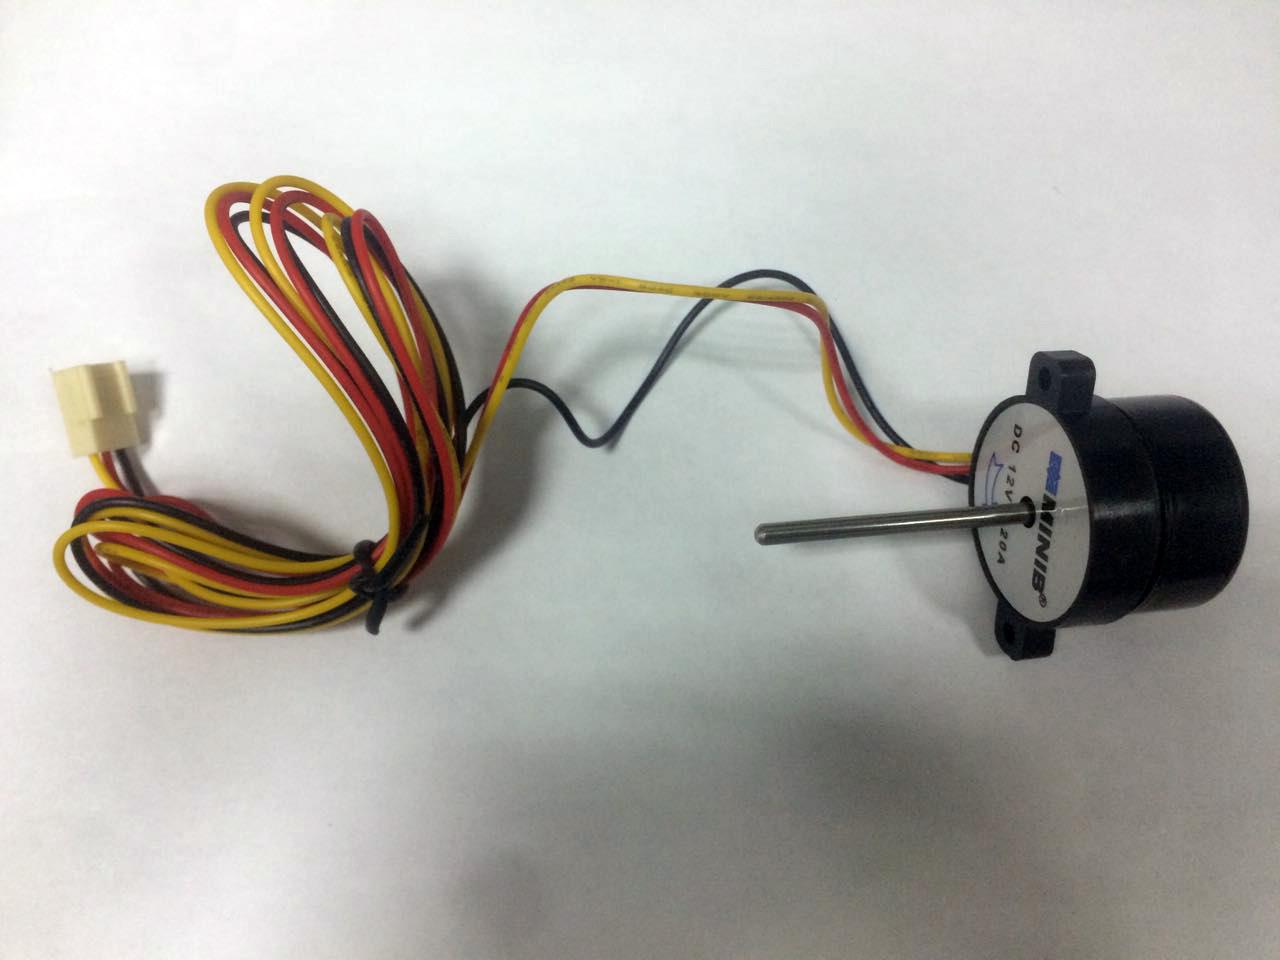 Запчасти MINIB MINIB Мотор для конвекторов Minib диаметр 30мм